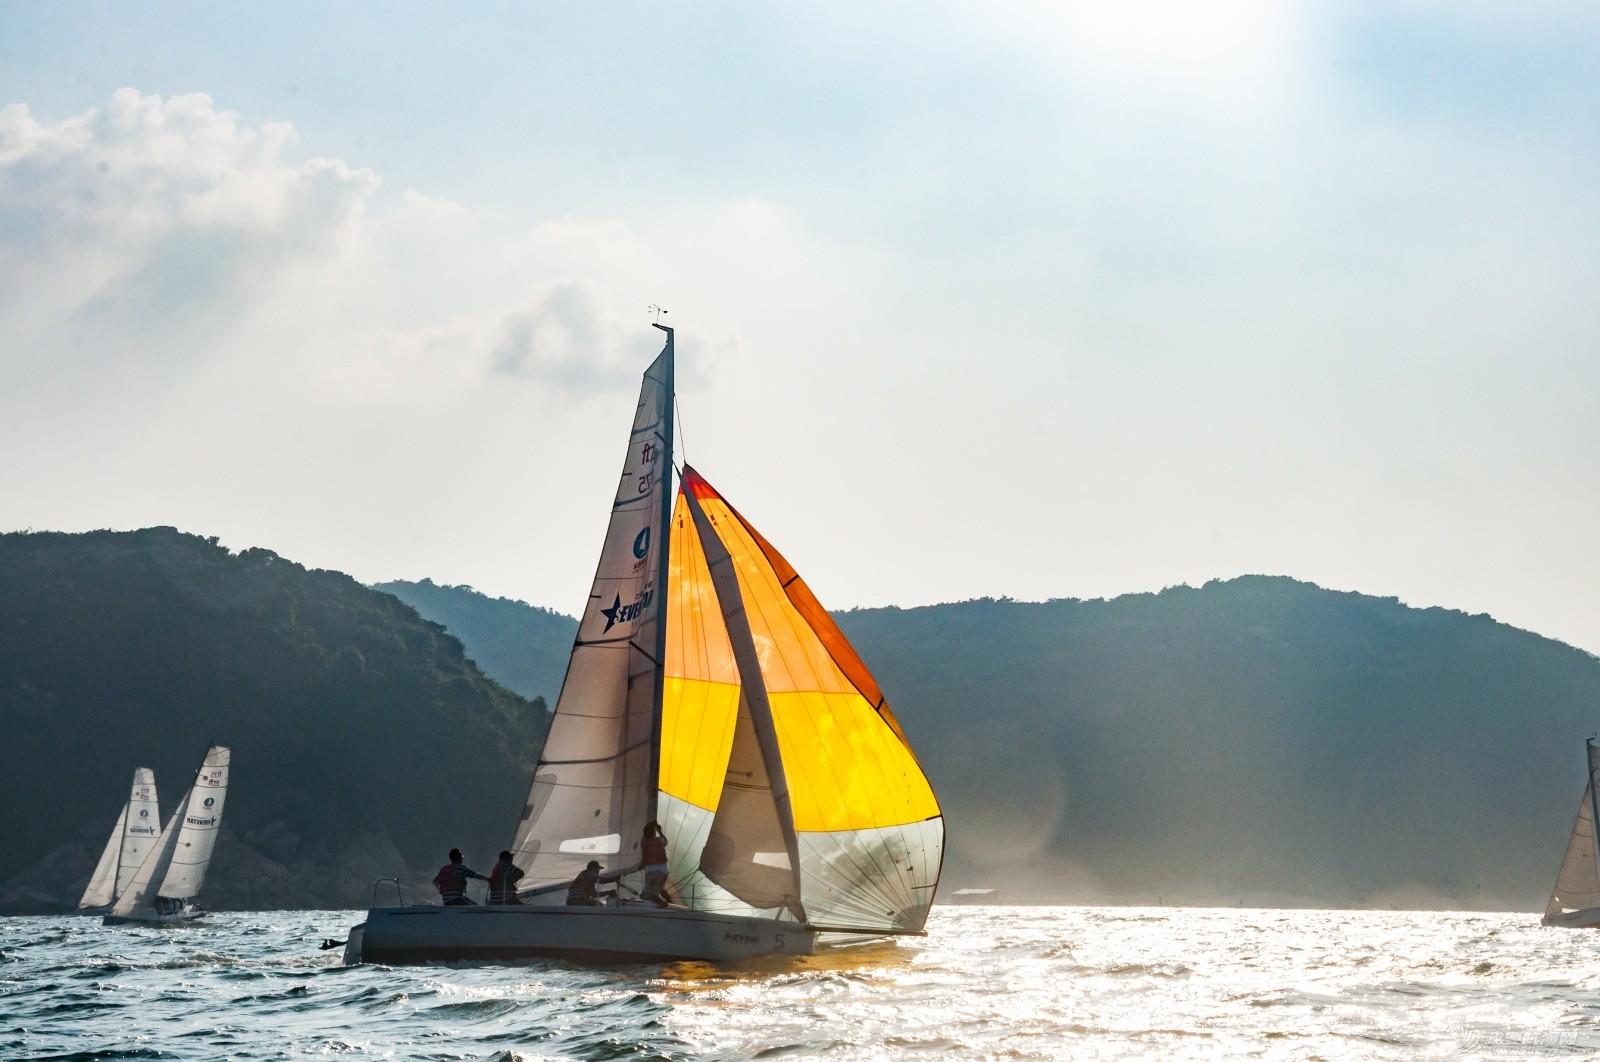 【2015大鹏杯帆船赛】22号下午第二辑(54图) s085.jpg